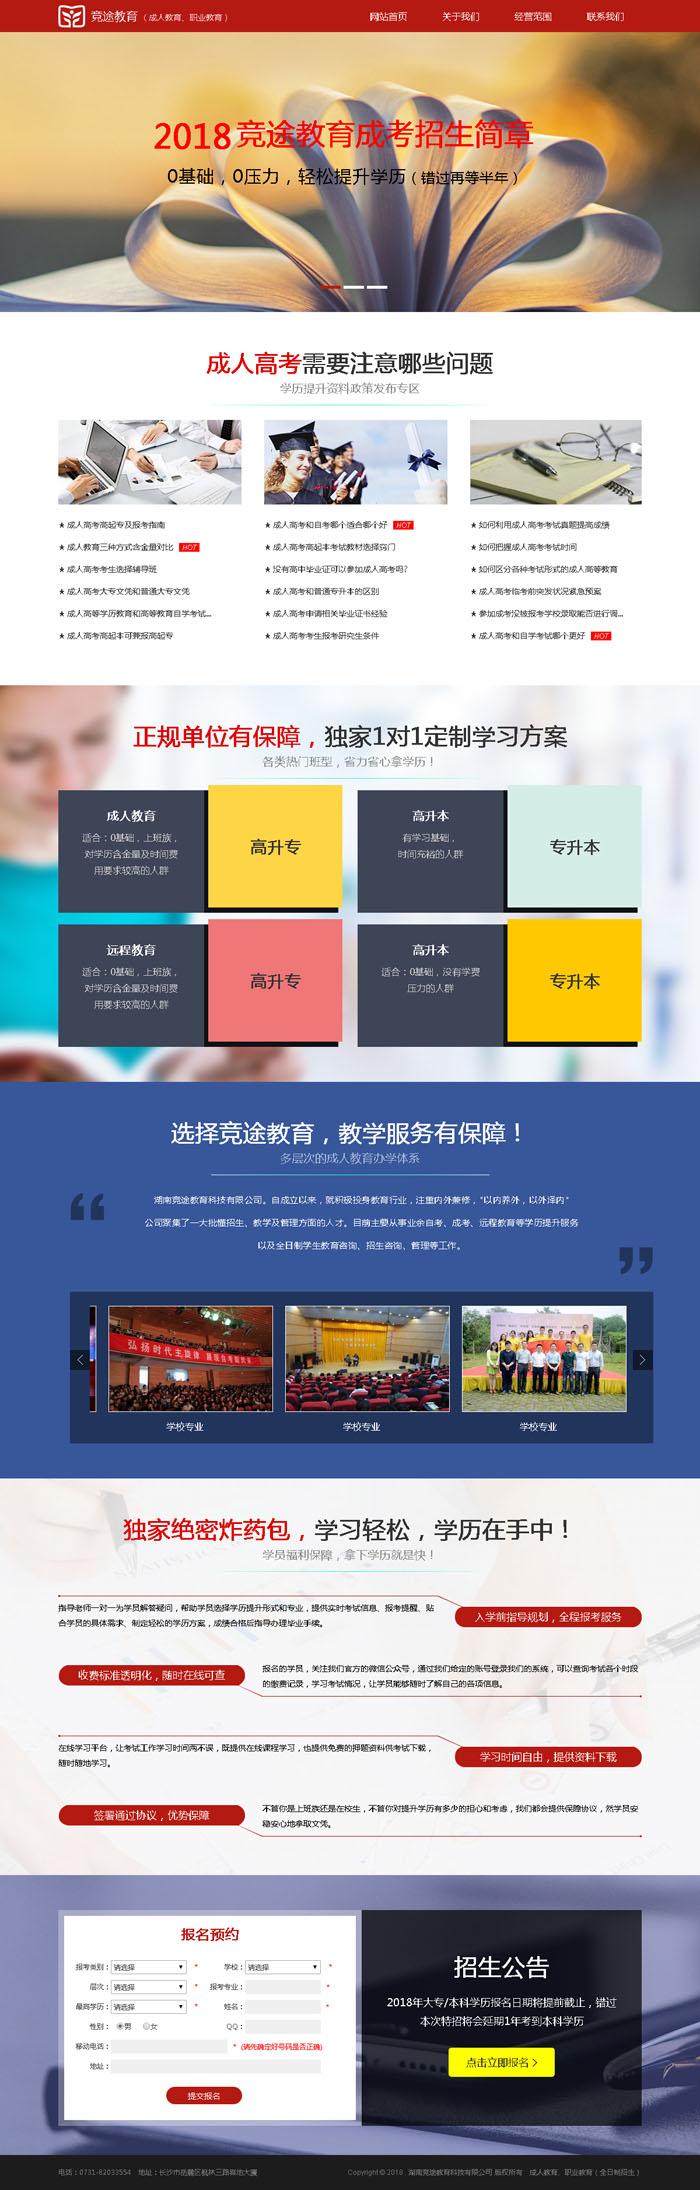 湖南競途教育科技有限公司歐寶體育官網下載地址設計效果圖